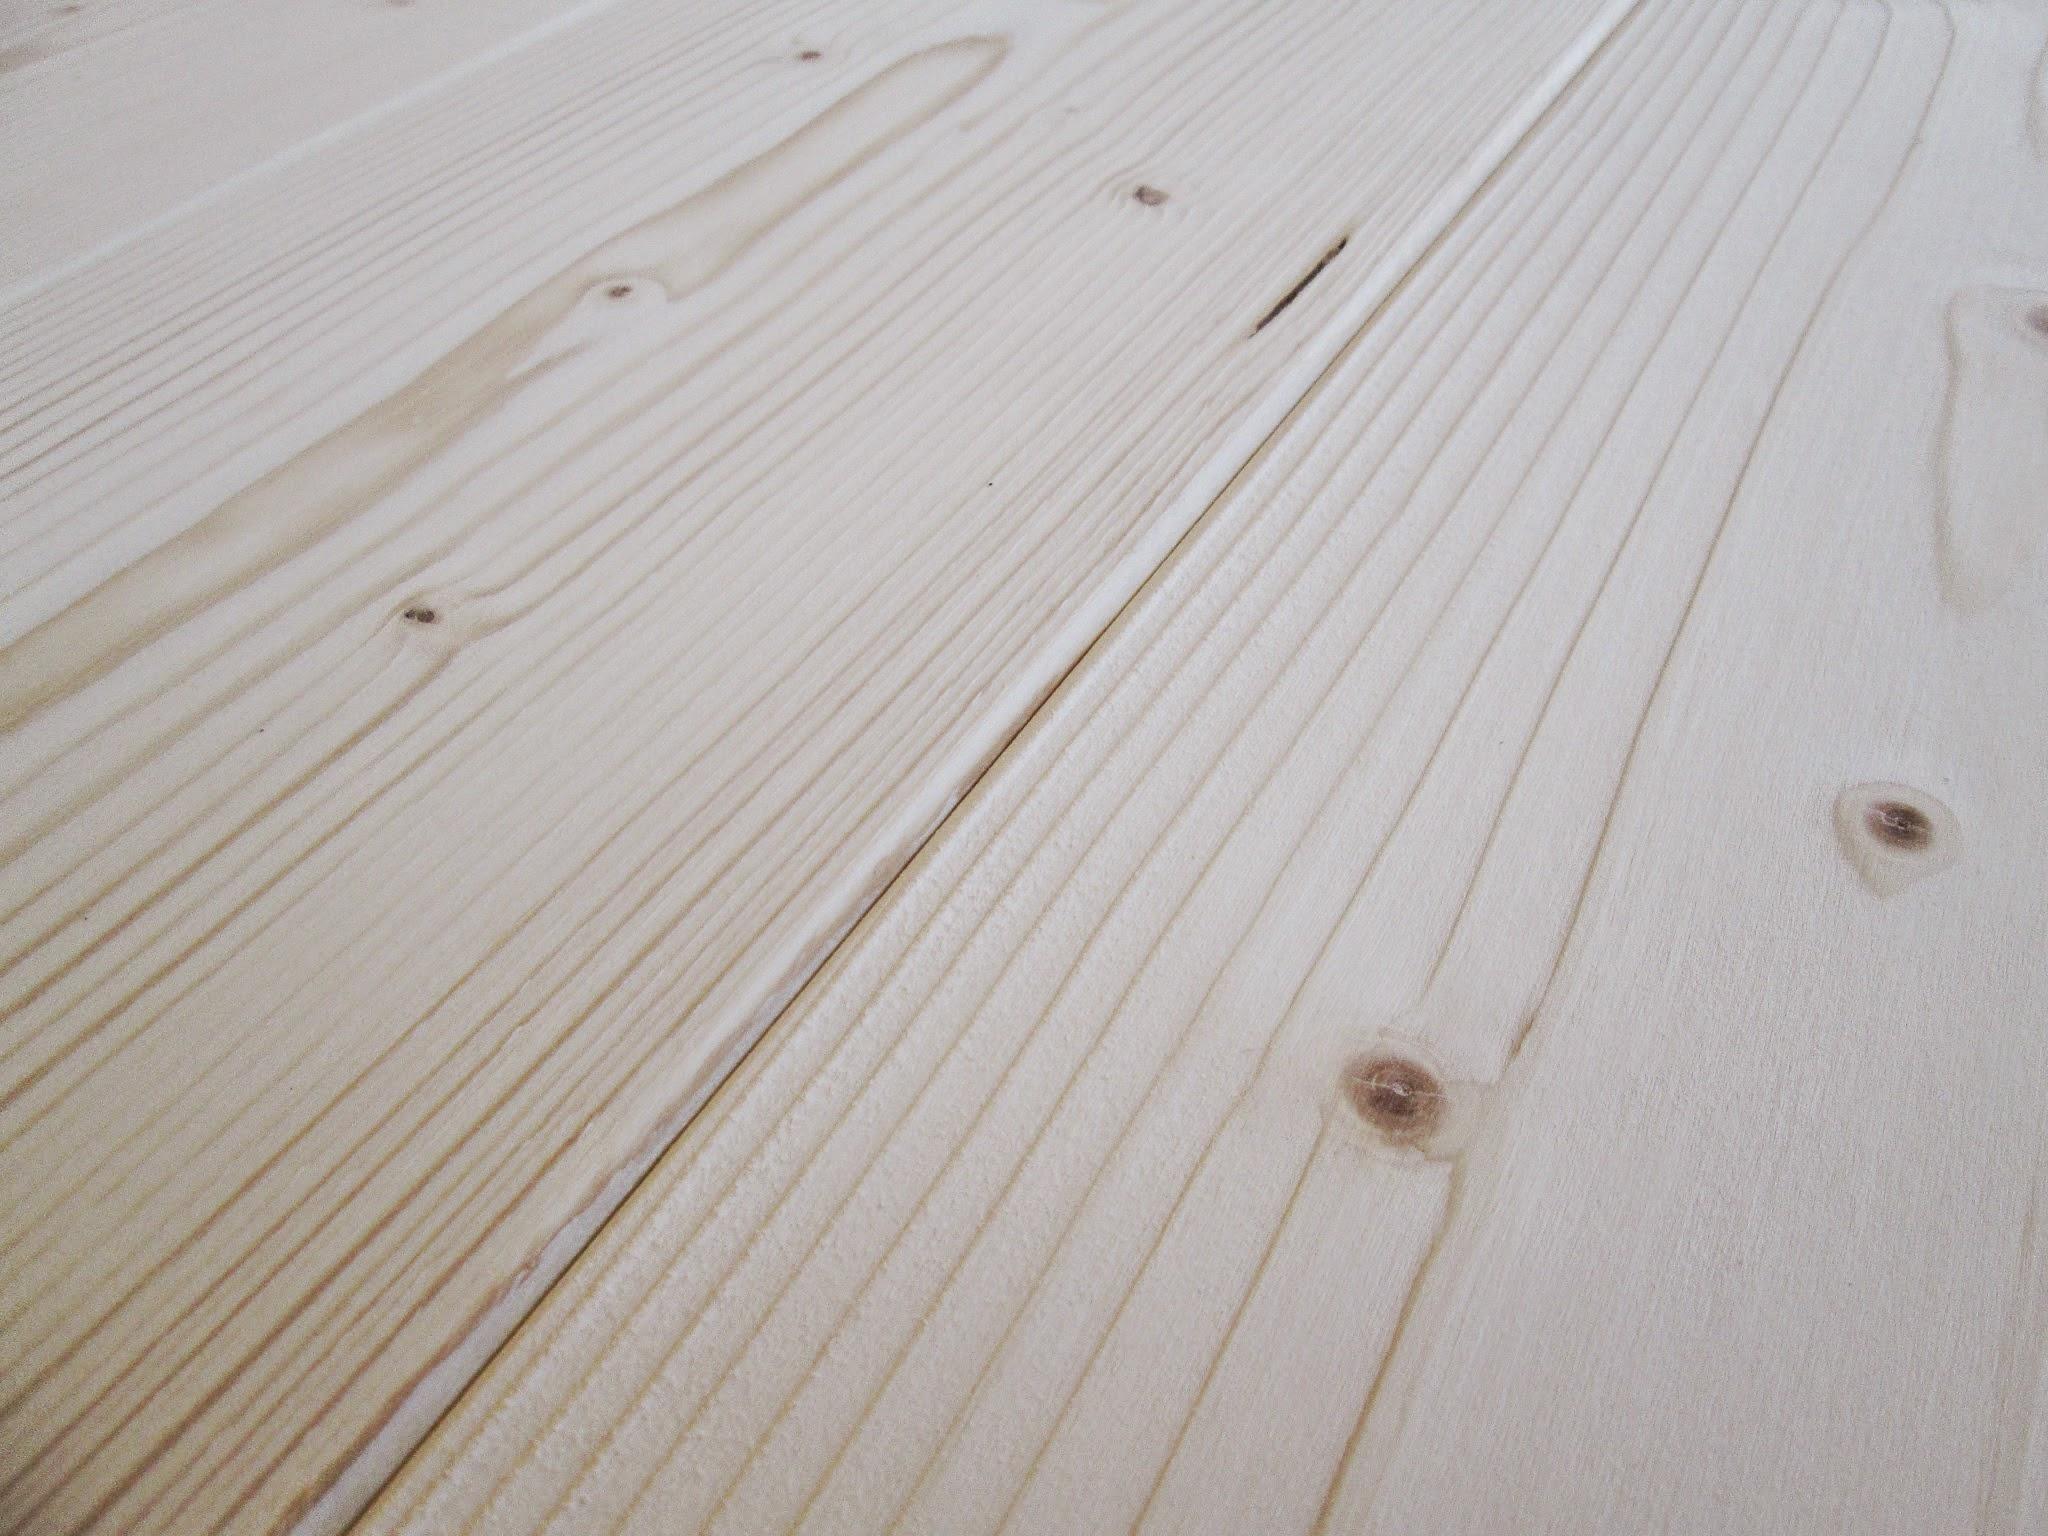 Perlina abete spazzolata for Rivestimento perline legno bianco